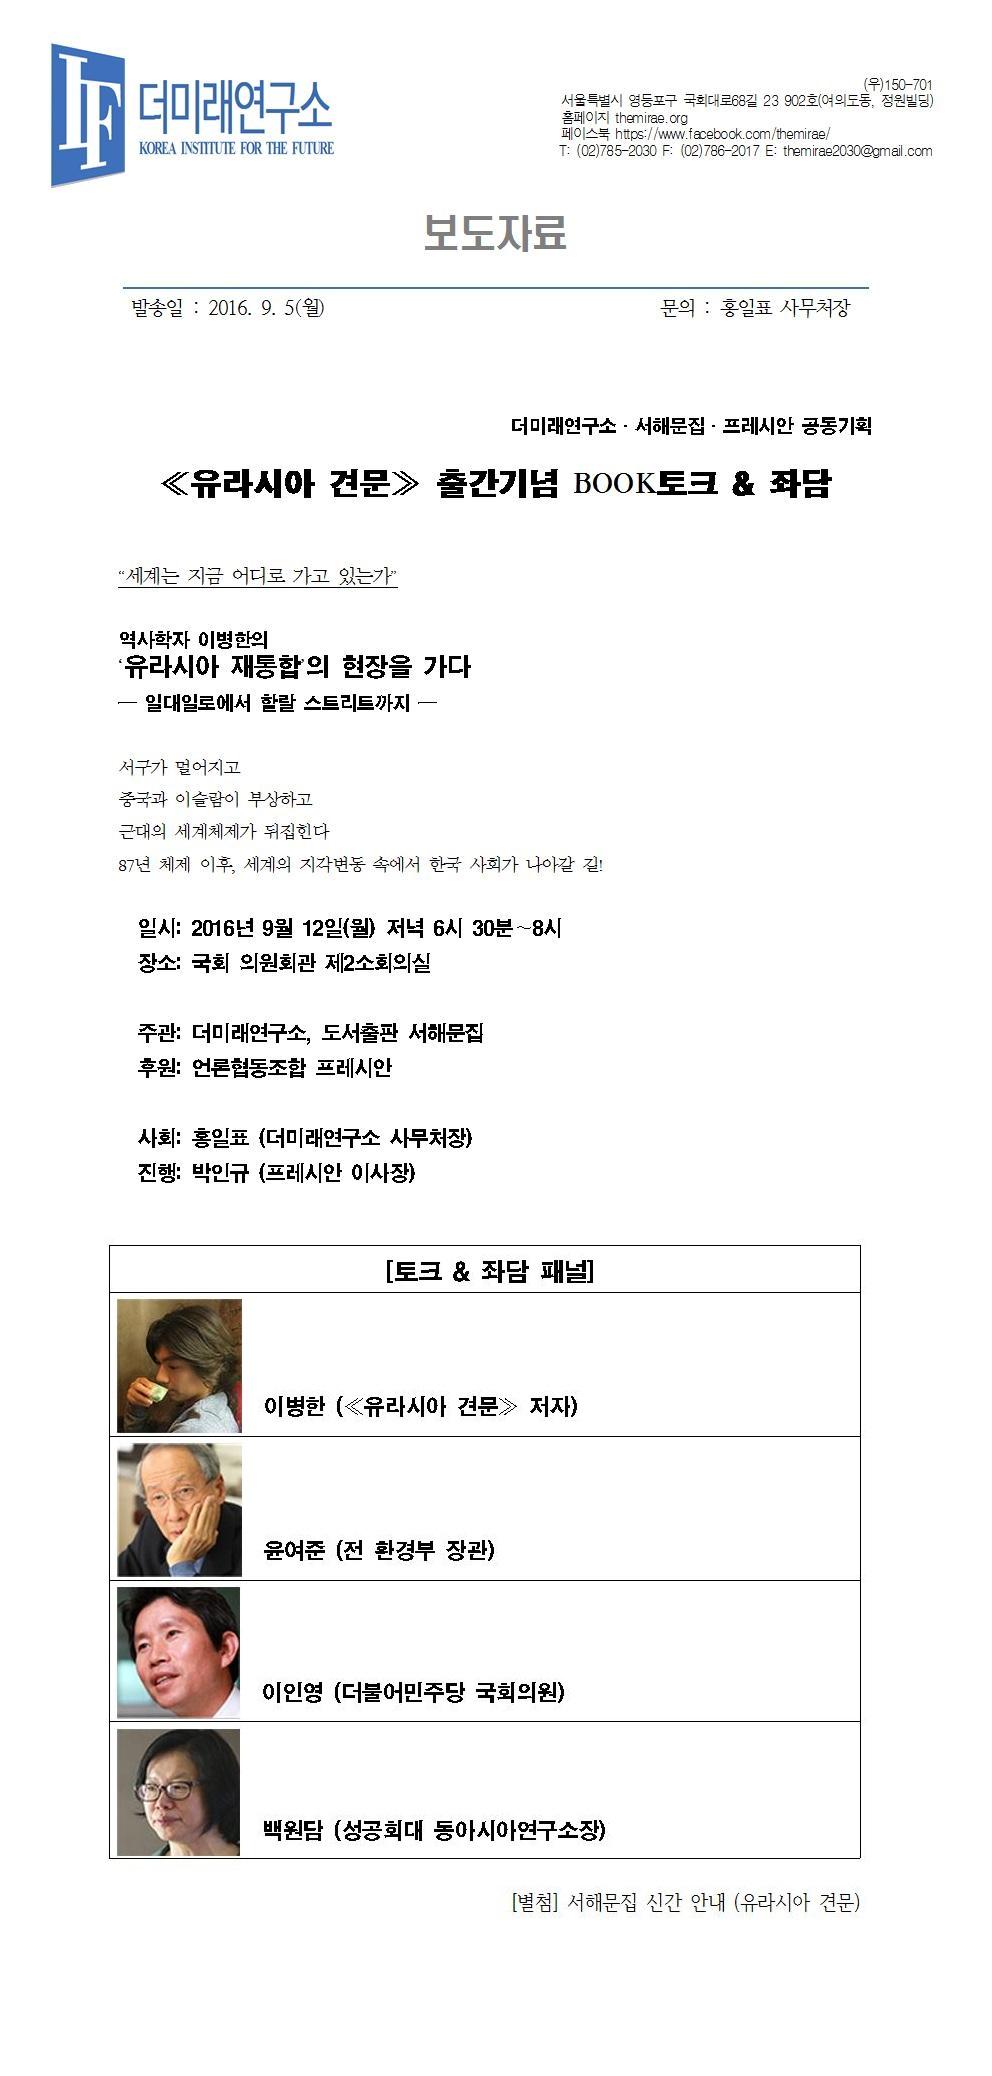 [보도자료] 유라시아 견문 출간기념 북콘서트 & 좌담 20160905